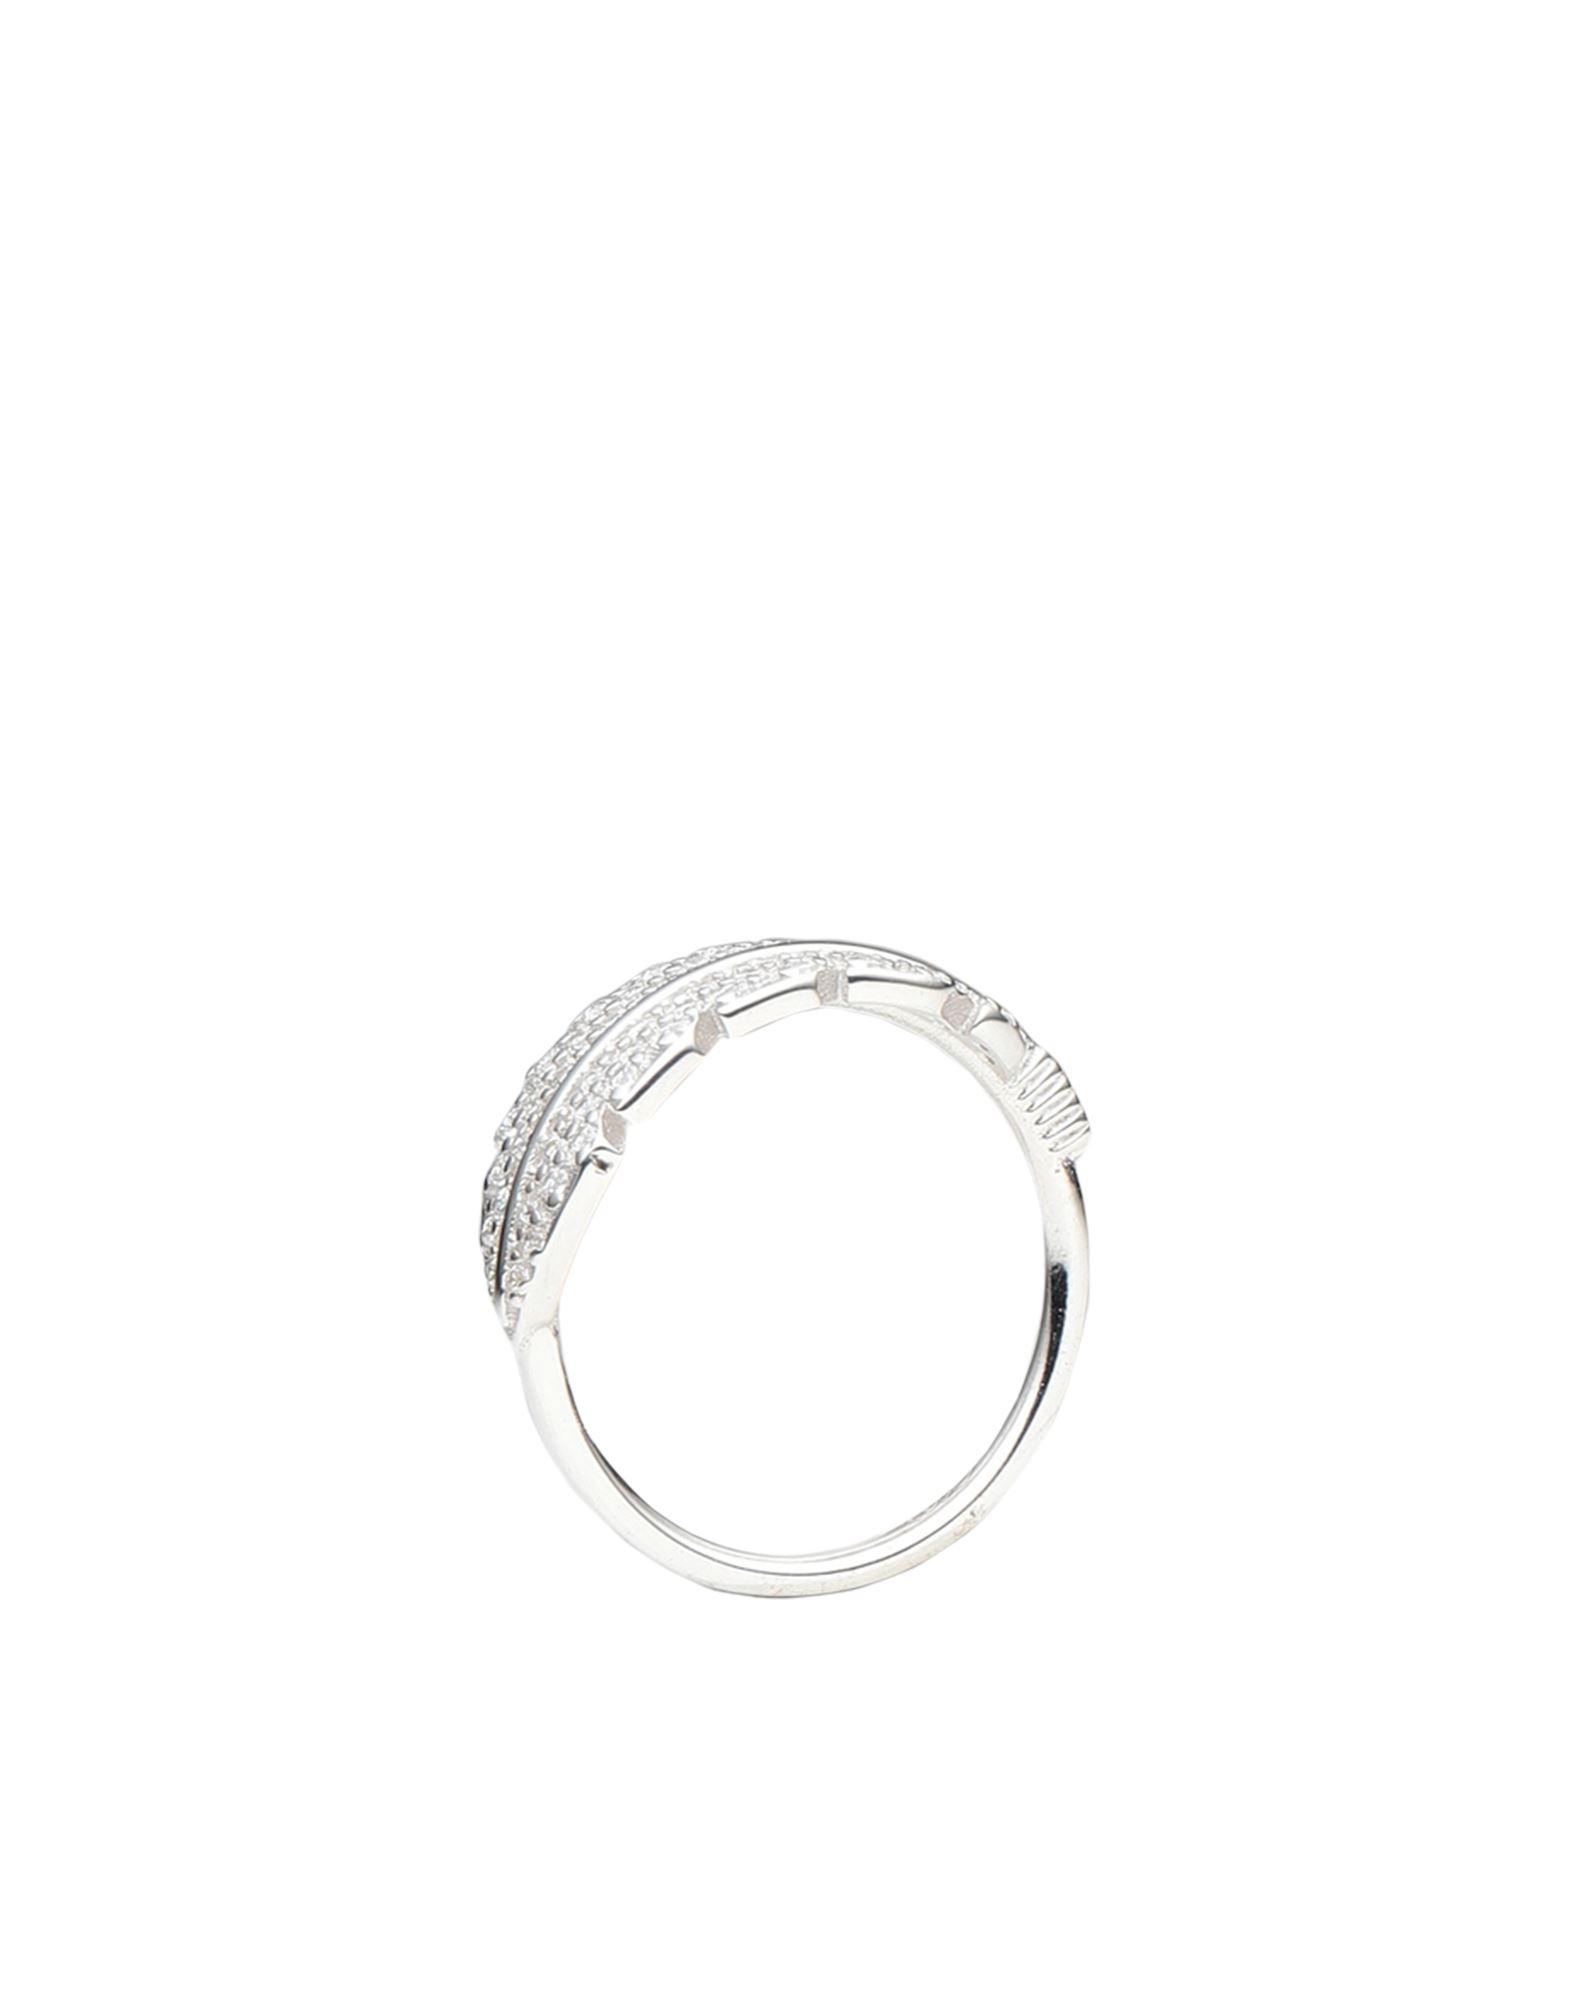 《セール開催中》KURSHUNI レディース 指輪 シルバー 52 シルバー925/1000 / キュービックジルコニア PIUMA - LIBERT?